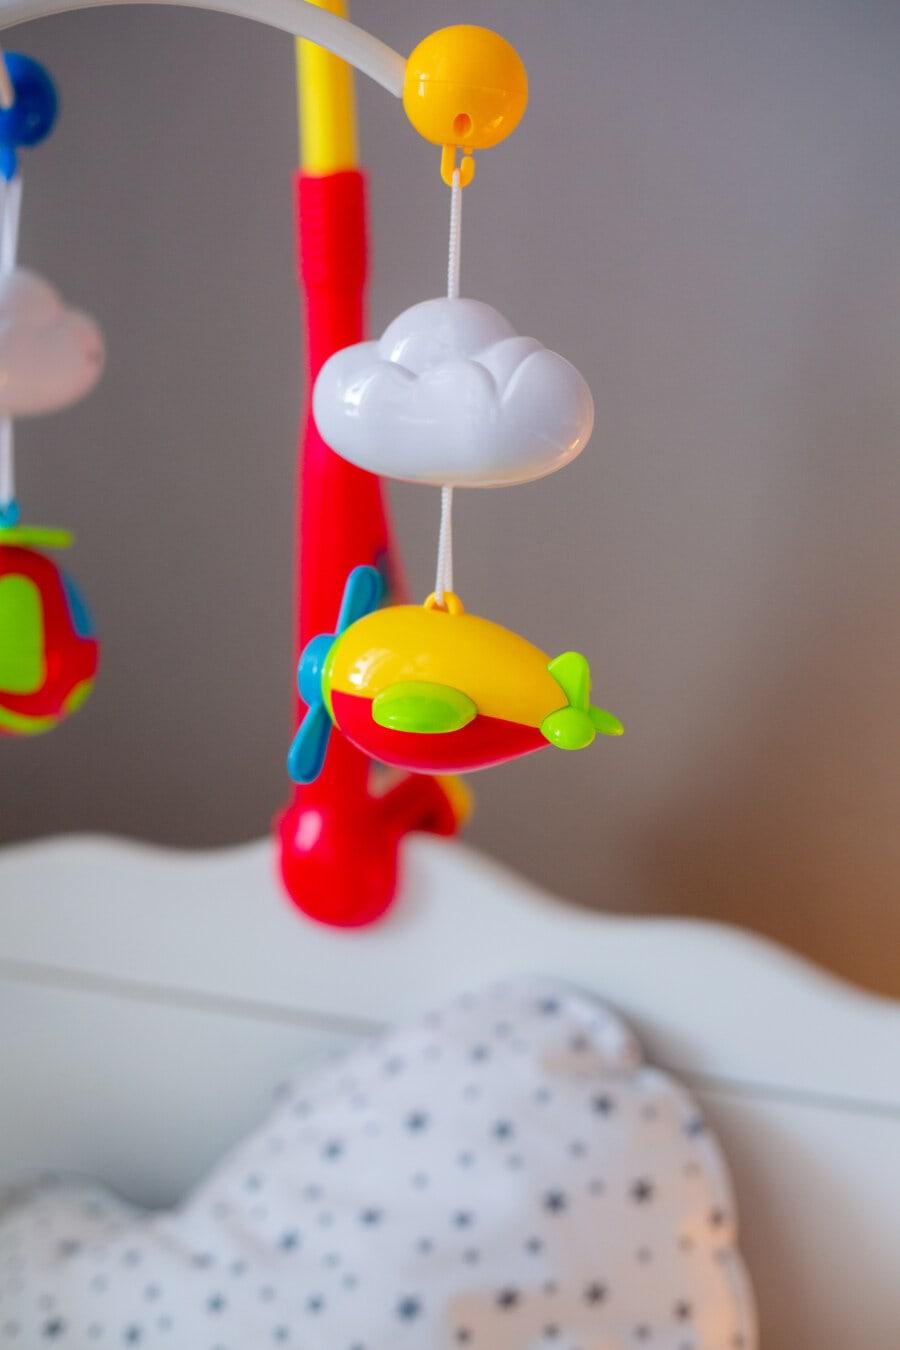 jouets, bébé, plastique, aeroplano, nuage, suspendu, jouet, à l'intérieur, amusement, couleur